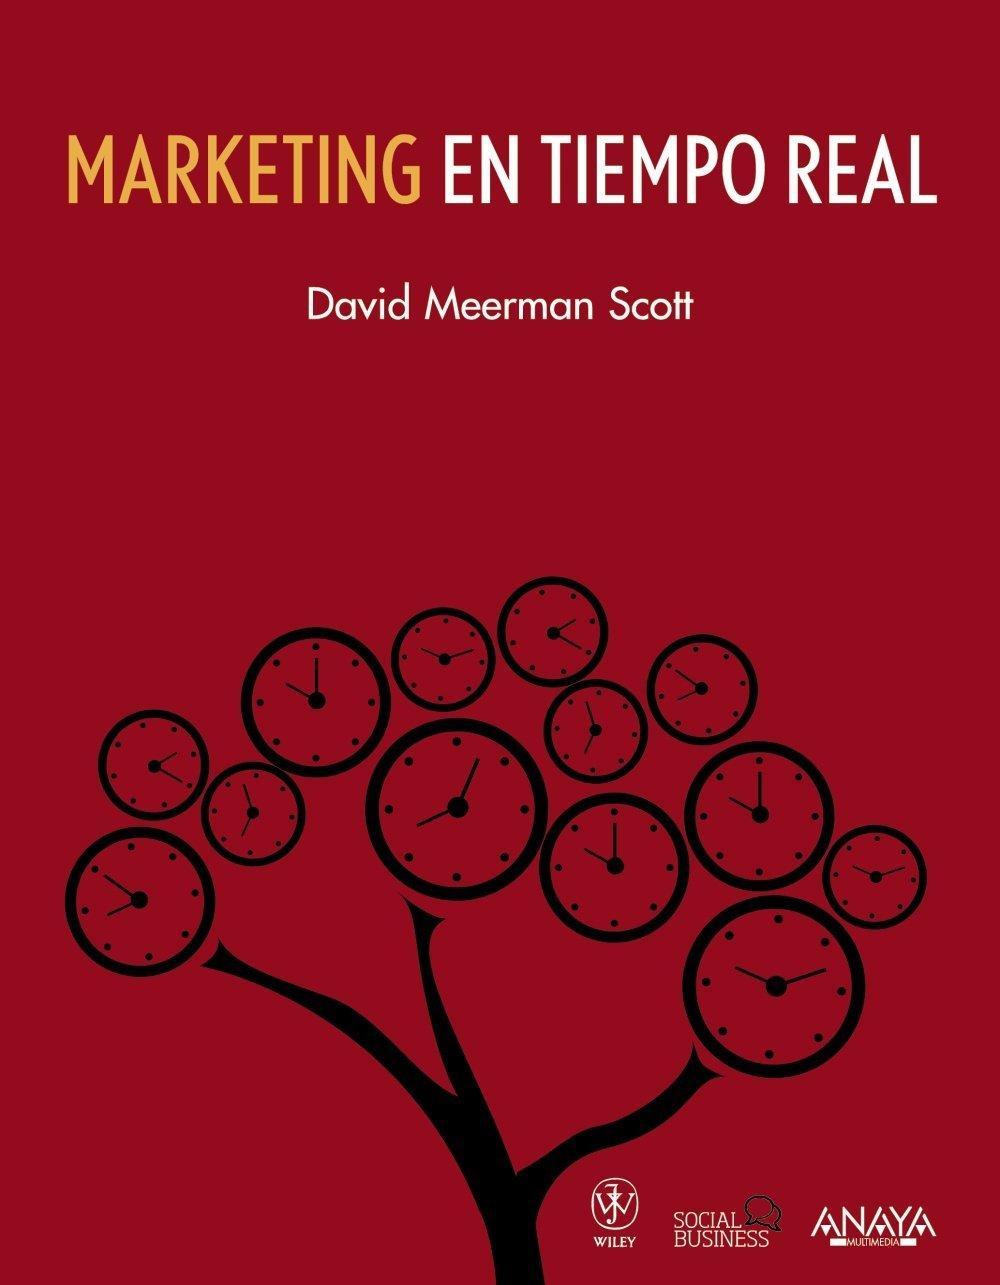 marketing-en-tiempo-real